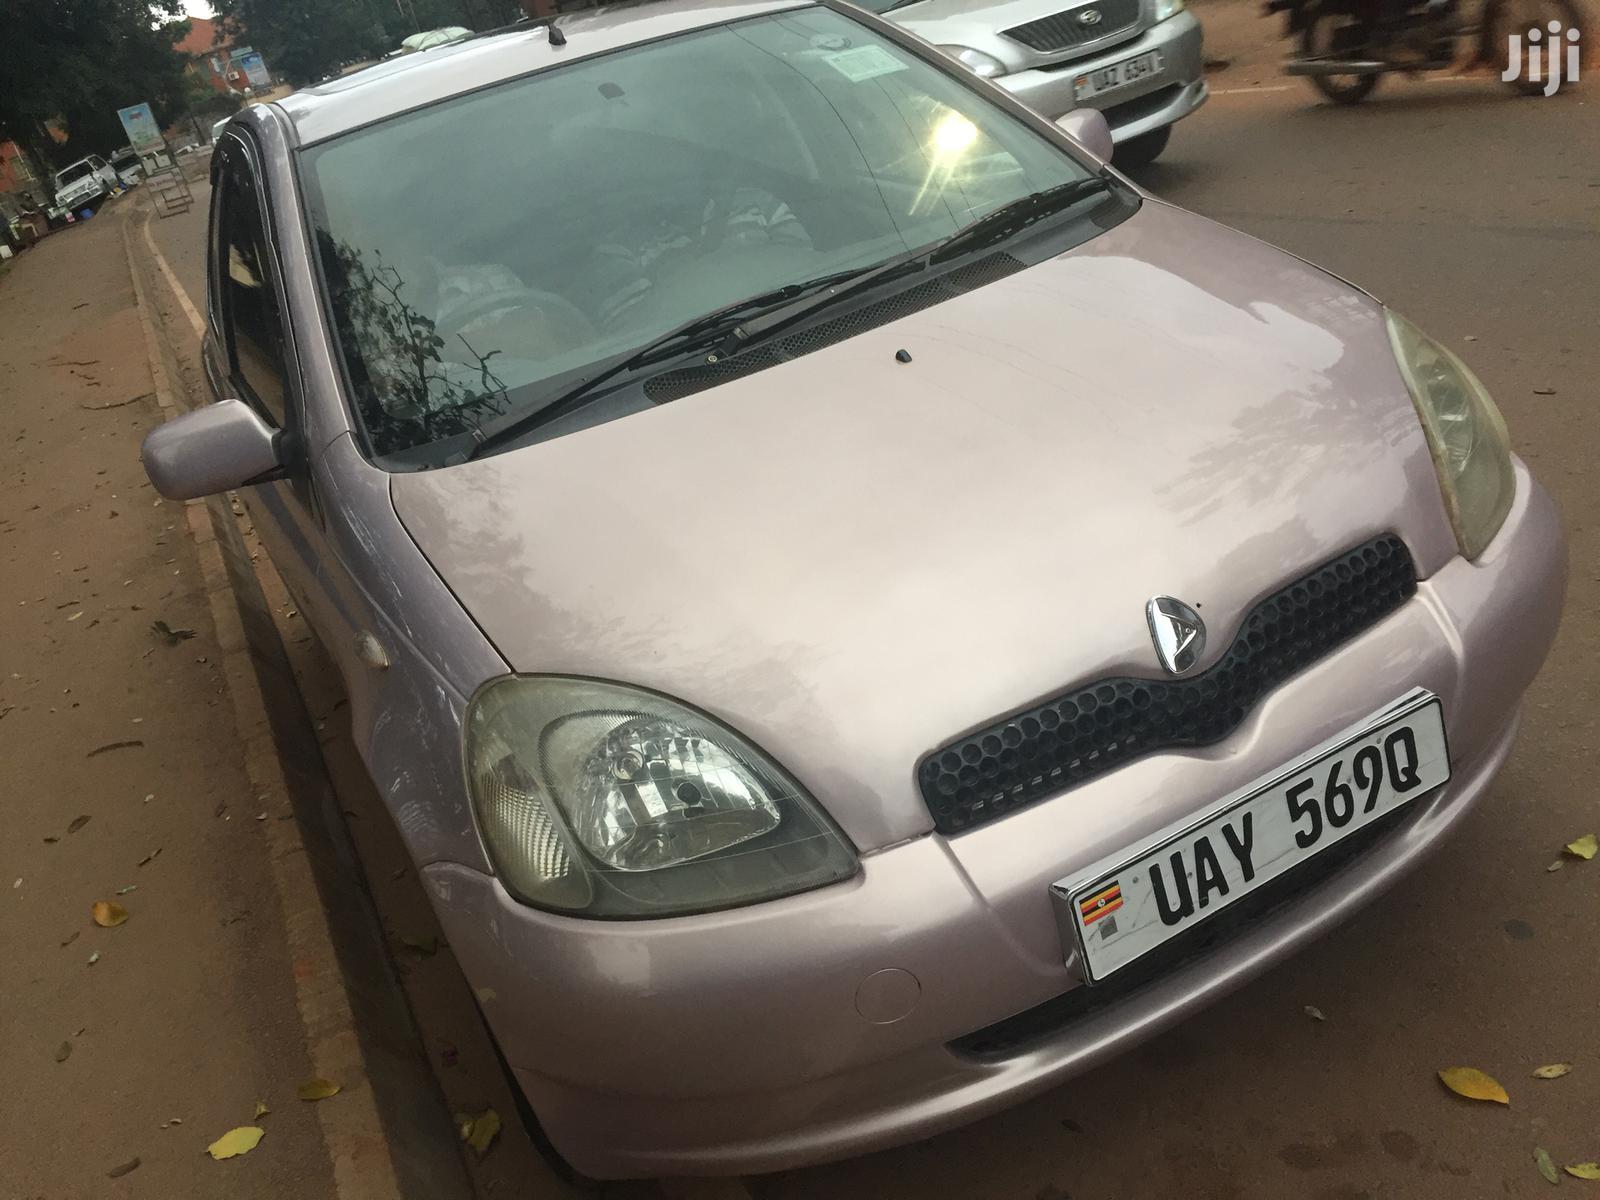 Toyota Vitz 1999 Pink In Kampala Cars Mawejje Anwar Jiji Ug For Sale In Kampala Buy Cars From Mawejje Anwar On Jiji Ug